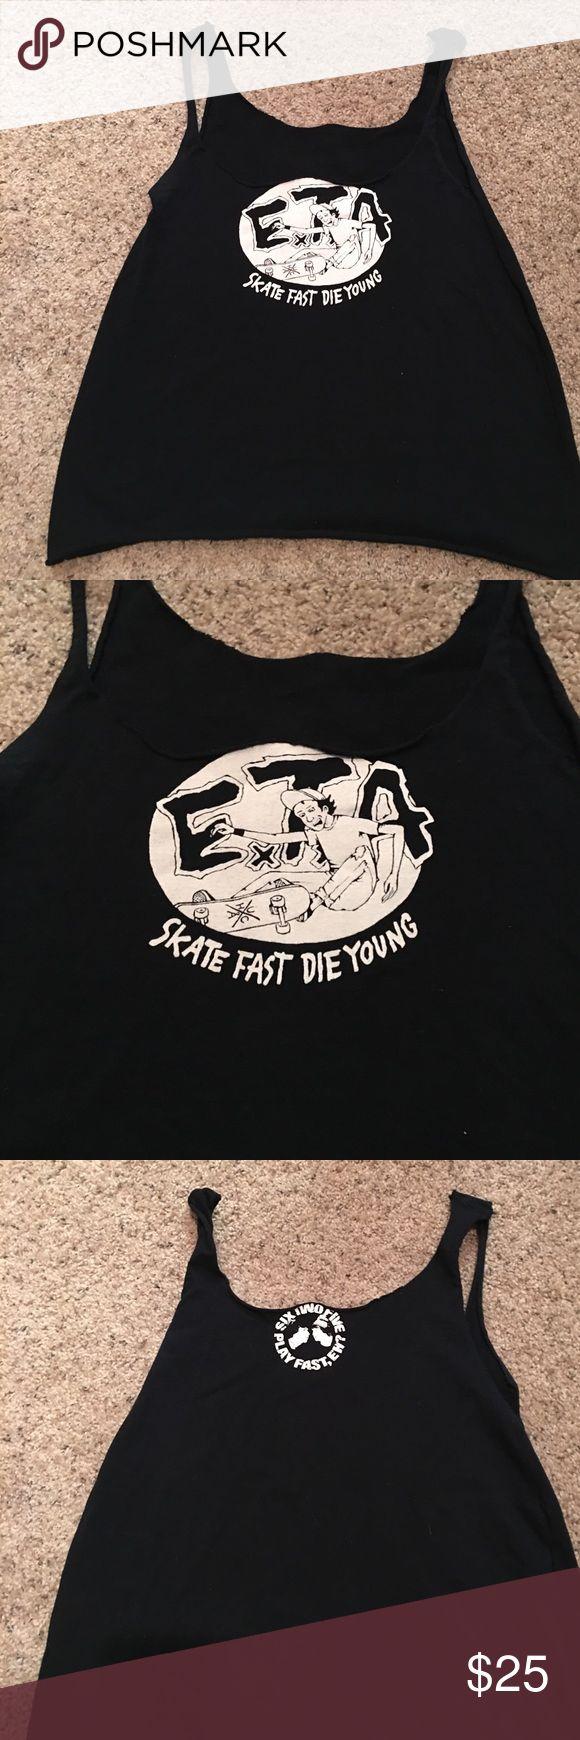 ETA skate custom tank top ETA skate custom tank top band tshirts Tops Tank Tops